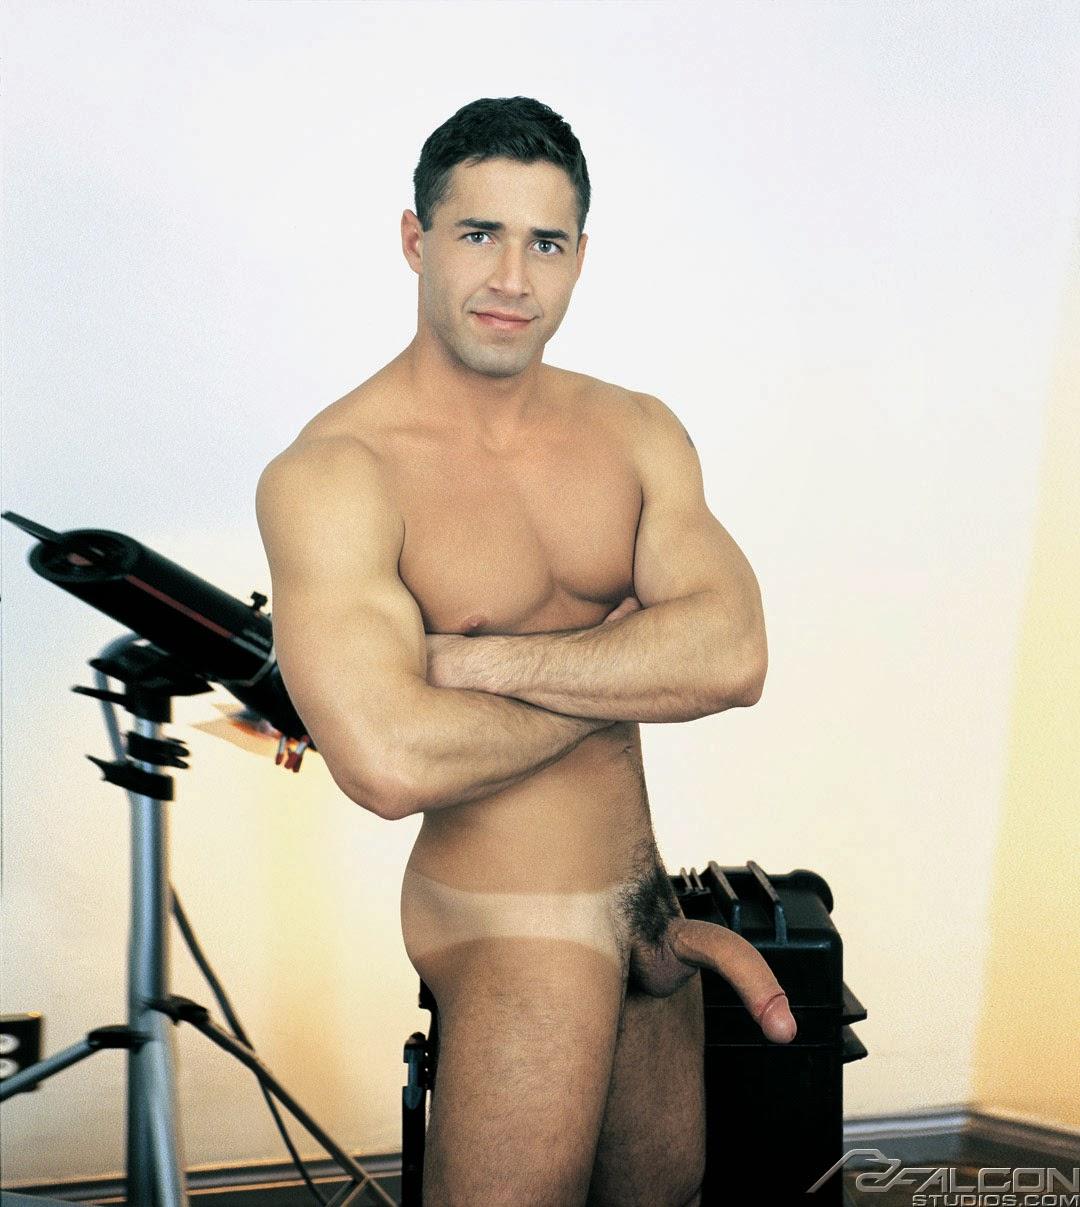 falcon studion gay website